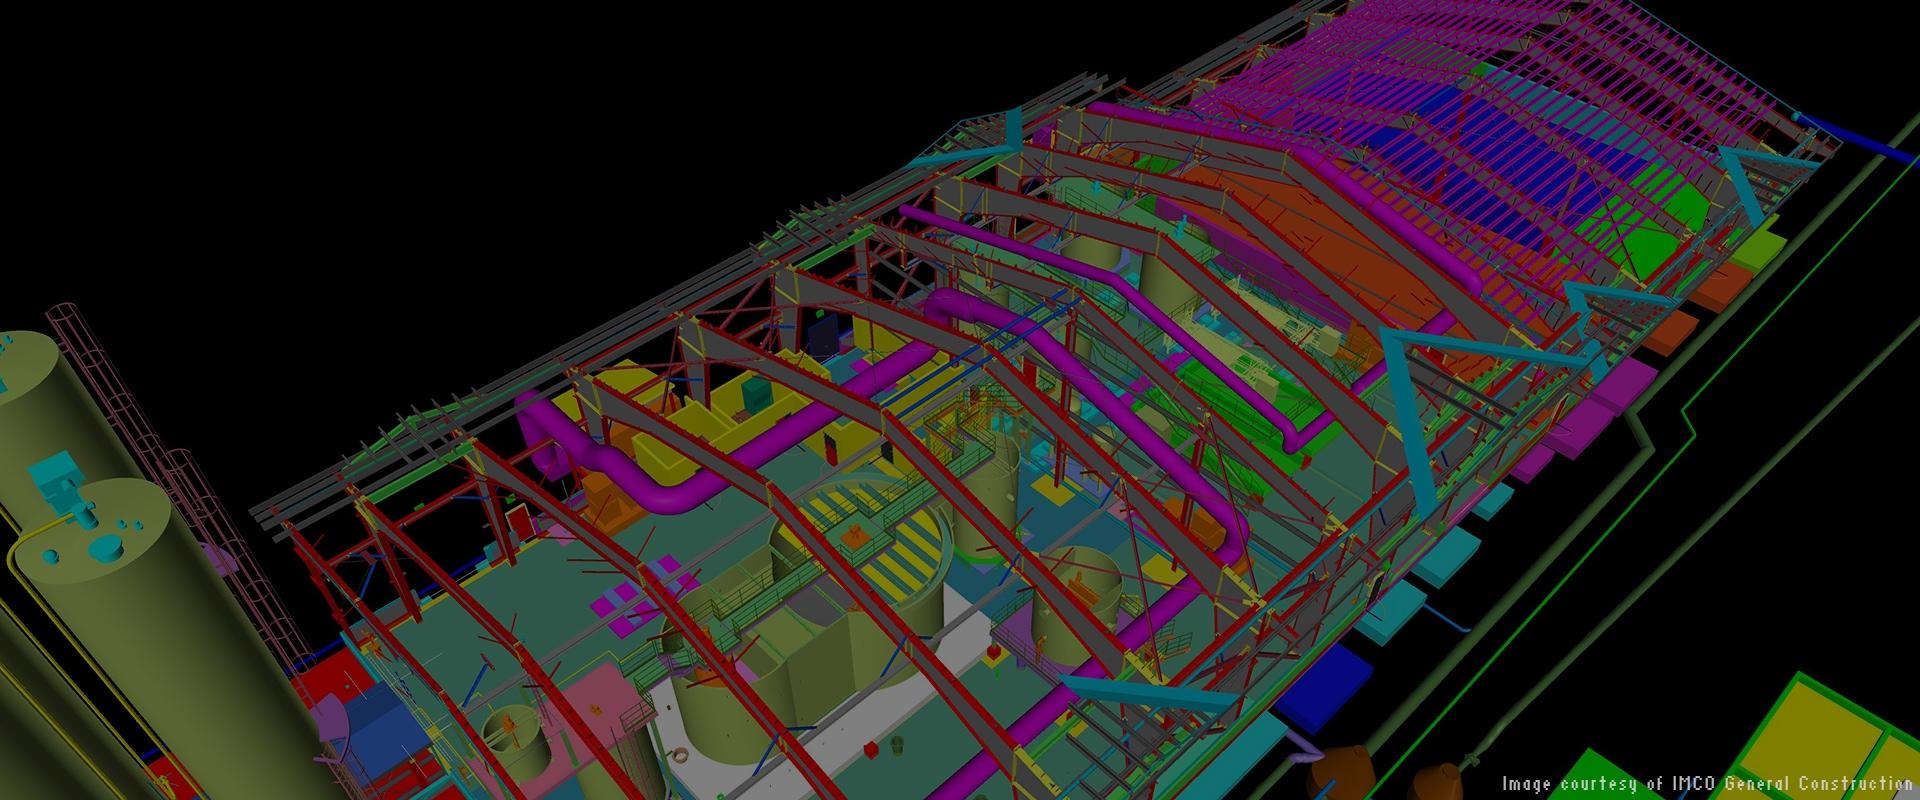 Aec Excellence Awards Imco Construction Autodesk